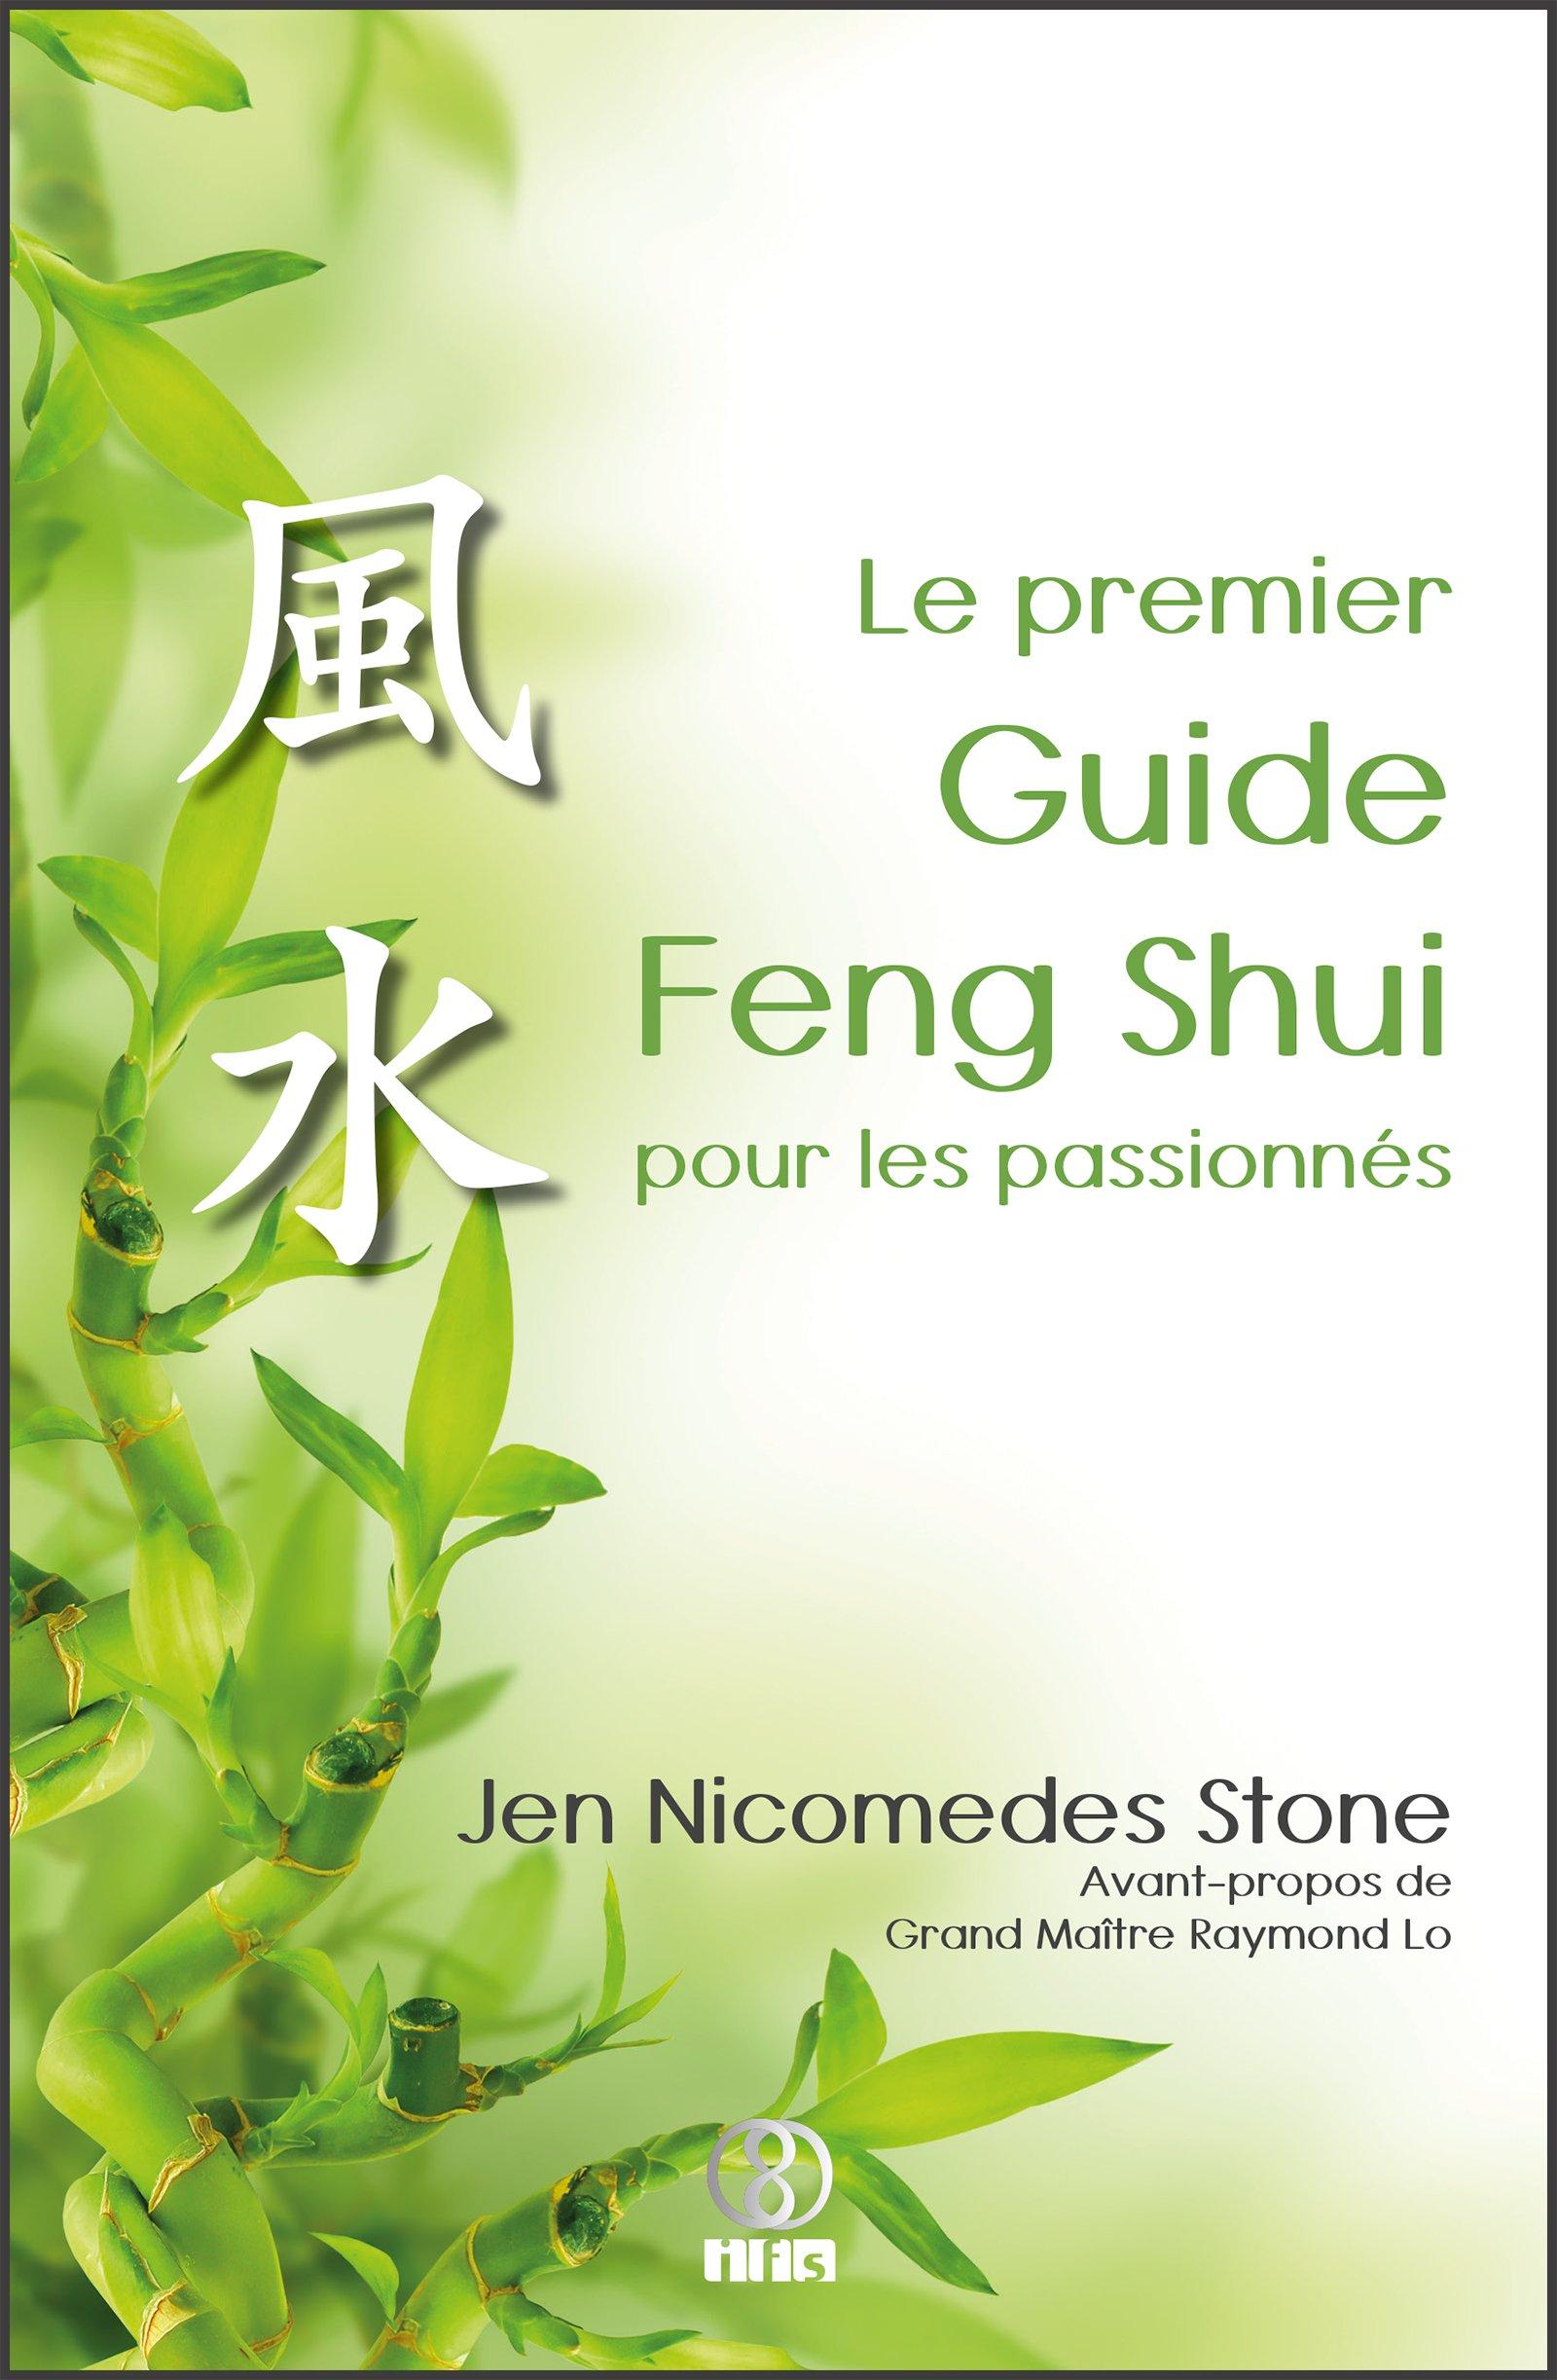 Le premier Guide Feng Shui pour les passionnés: Aperçu clair de la structure et de l'essence du Feng Shui por Jen Nicomedes Stone